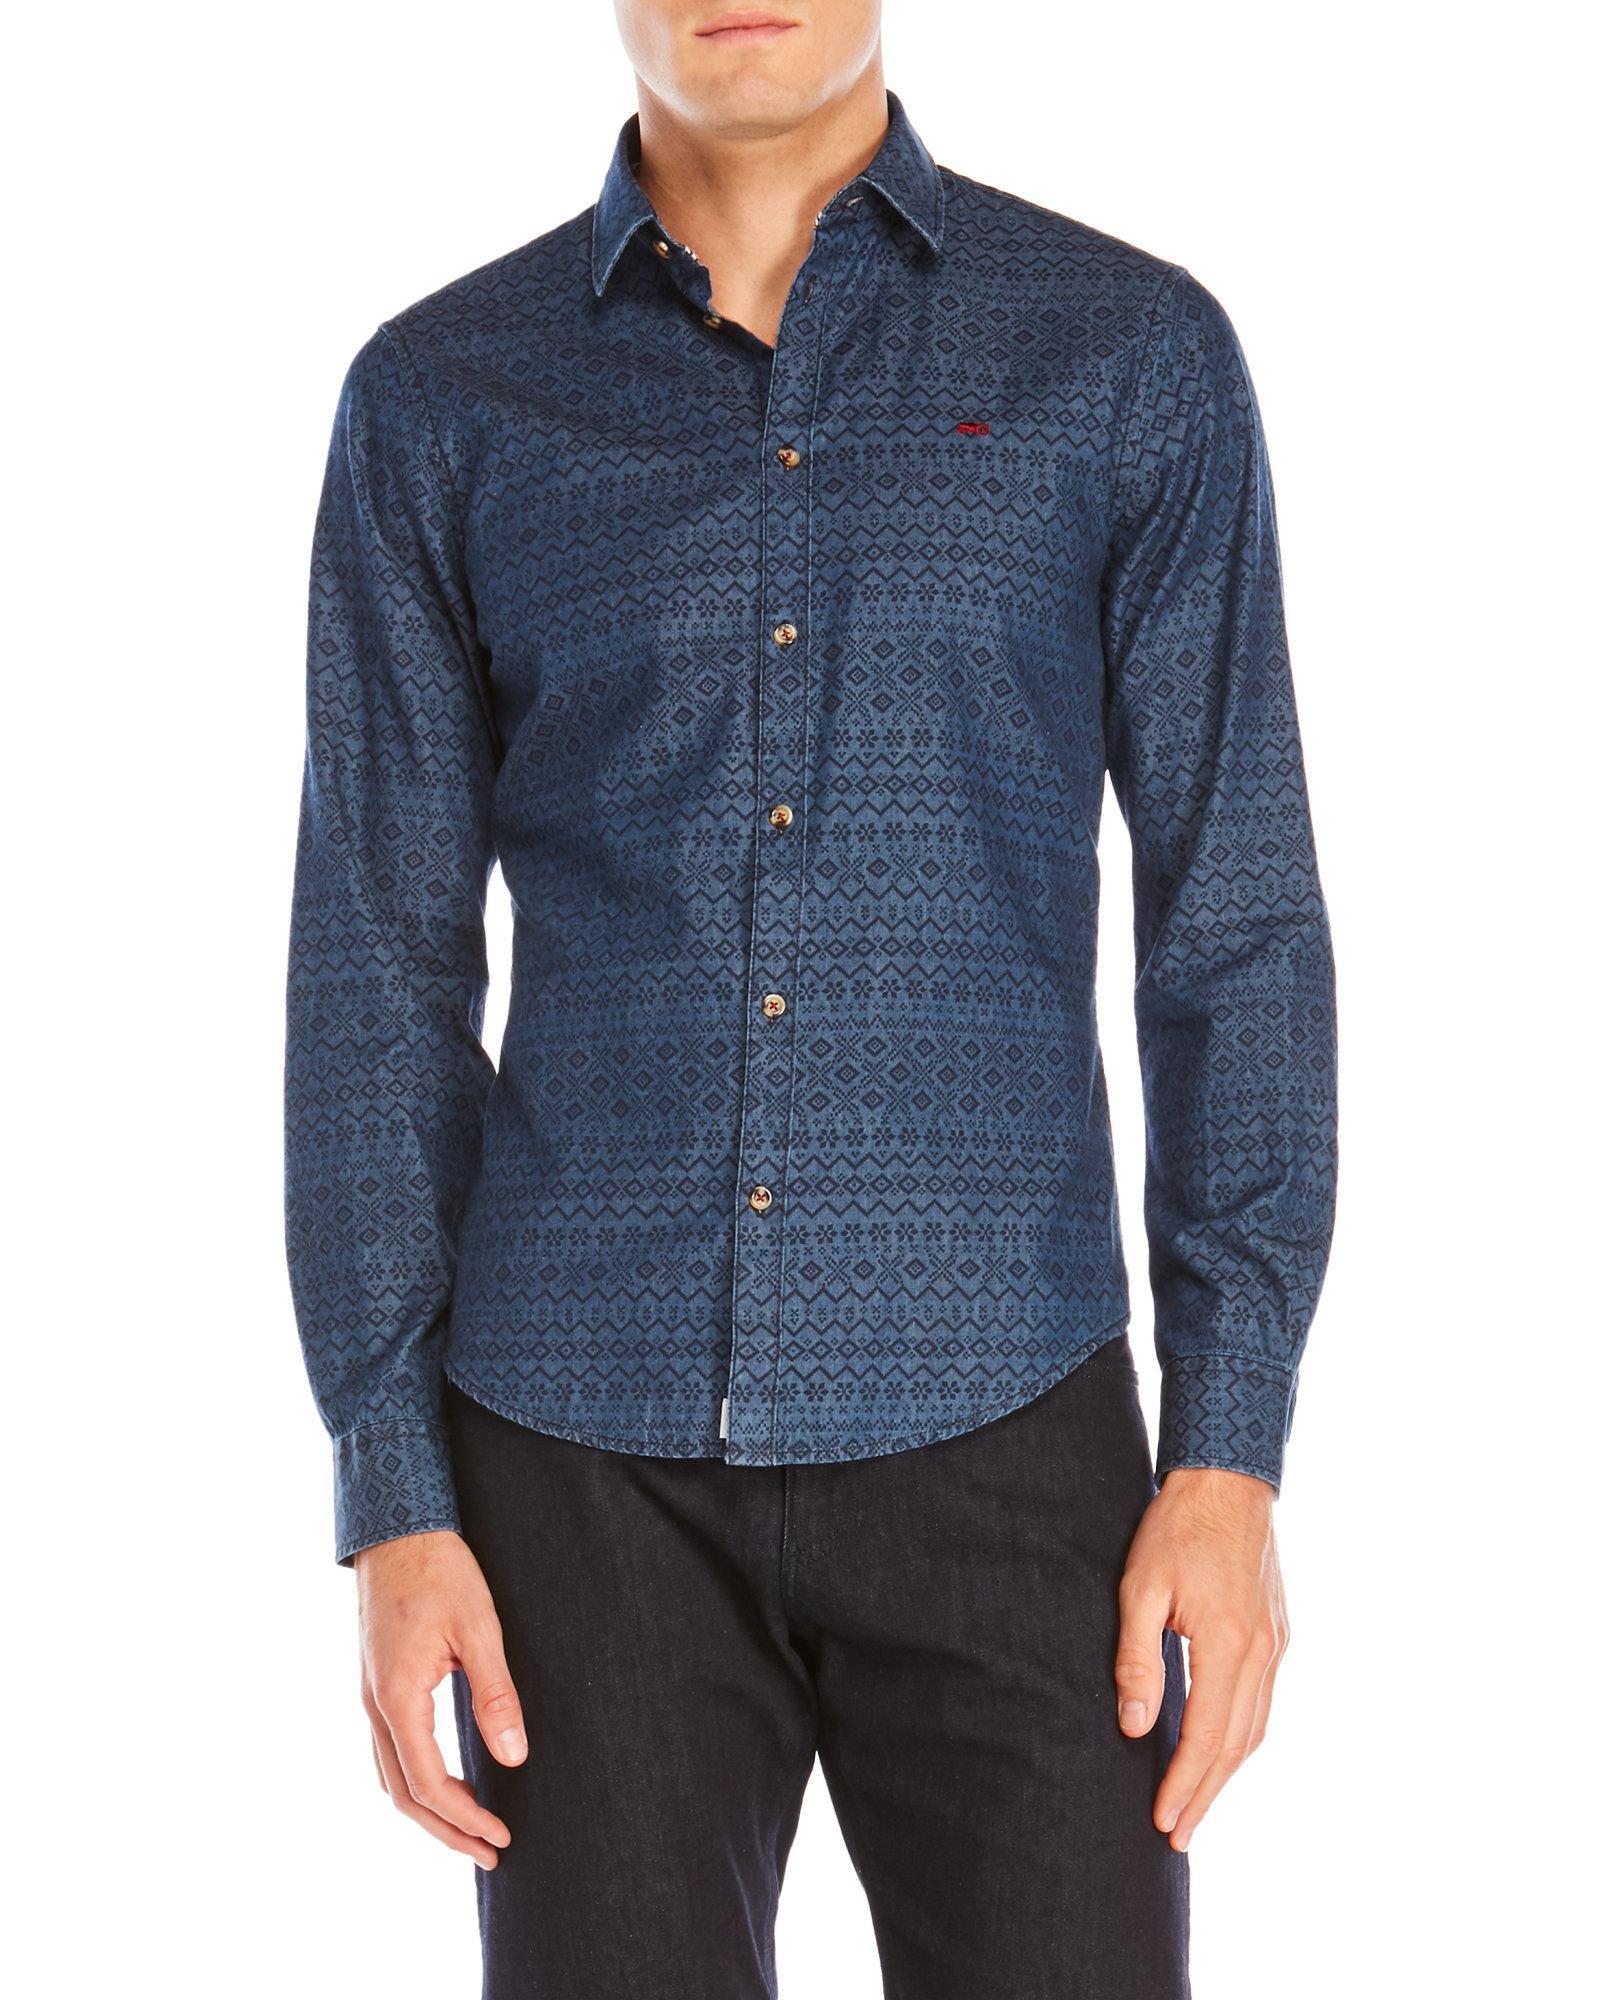 756257cd6af Lyst - Moods Of Norway Frode Vik Slim Fit Shirt in Blue for Men